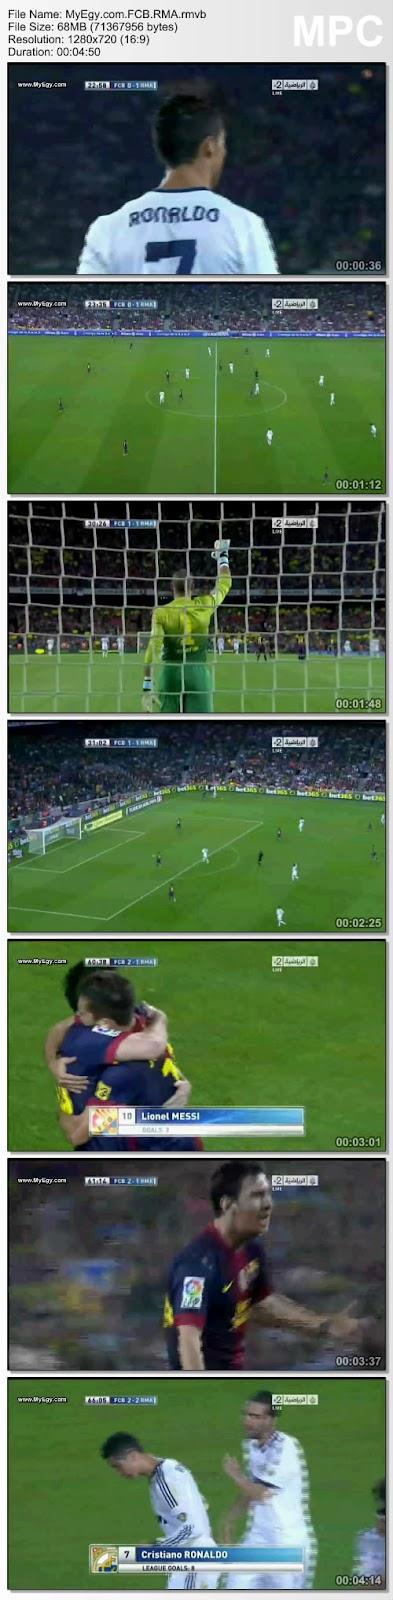 تحميل اهداف ريال مدريد وبرشلونة 2/2 برابط واحد يوم الاحد 7/10/2012 تعليق عصام الشوالي HD فى الدوري الاسباني 2012